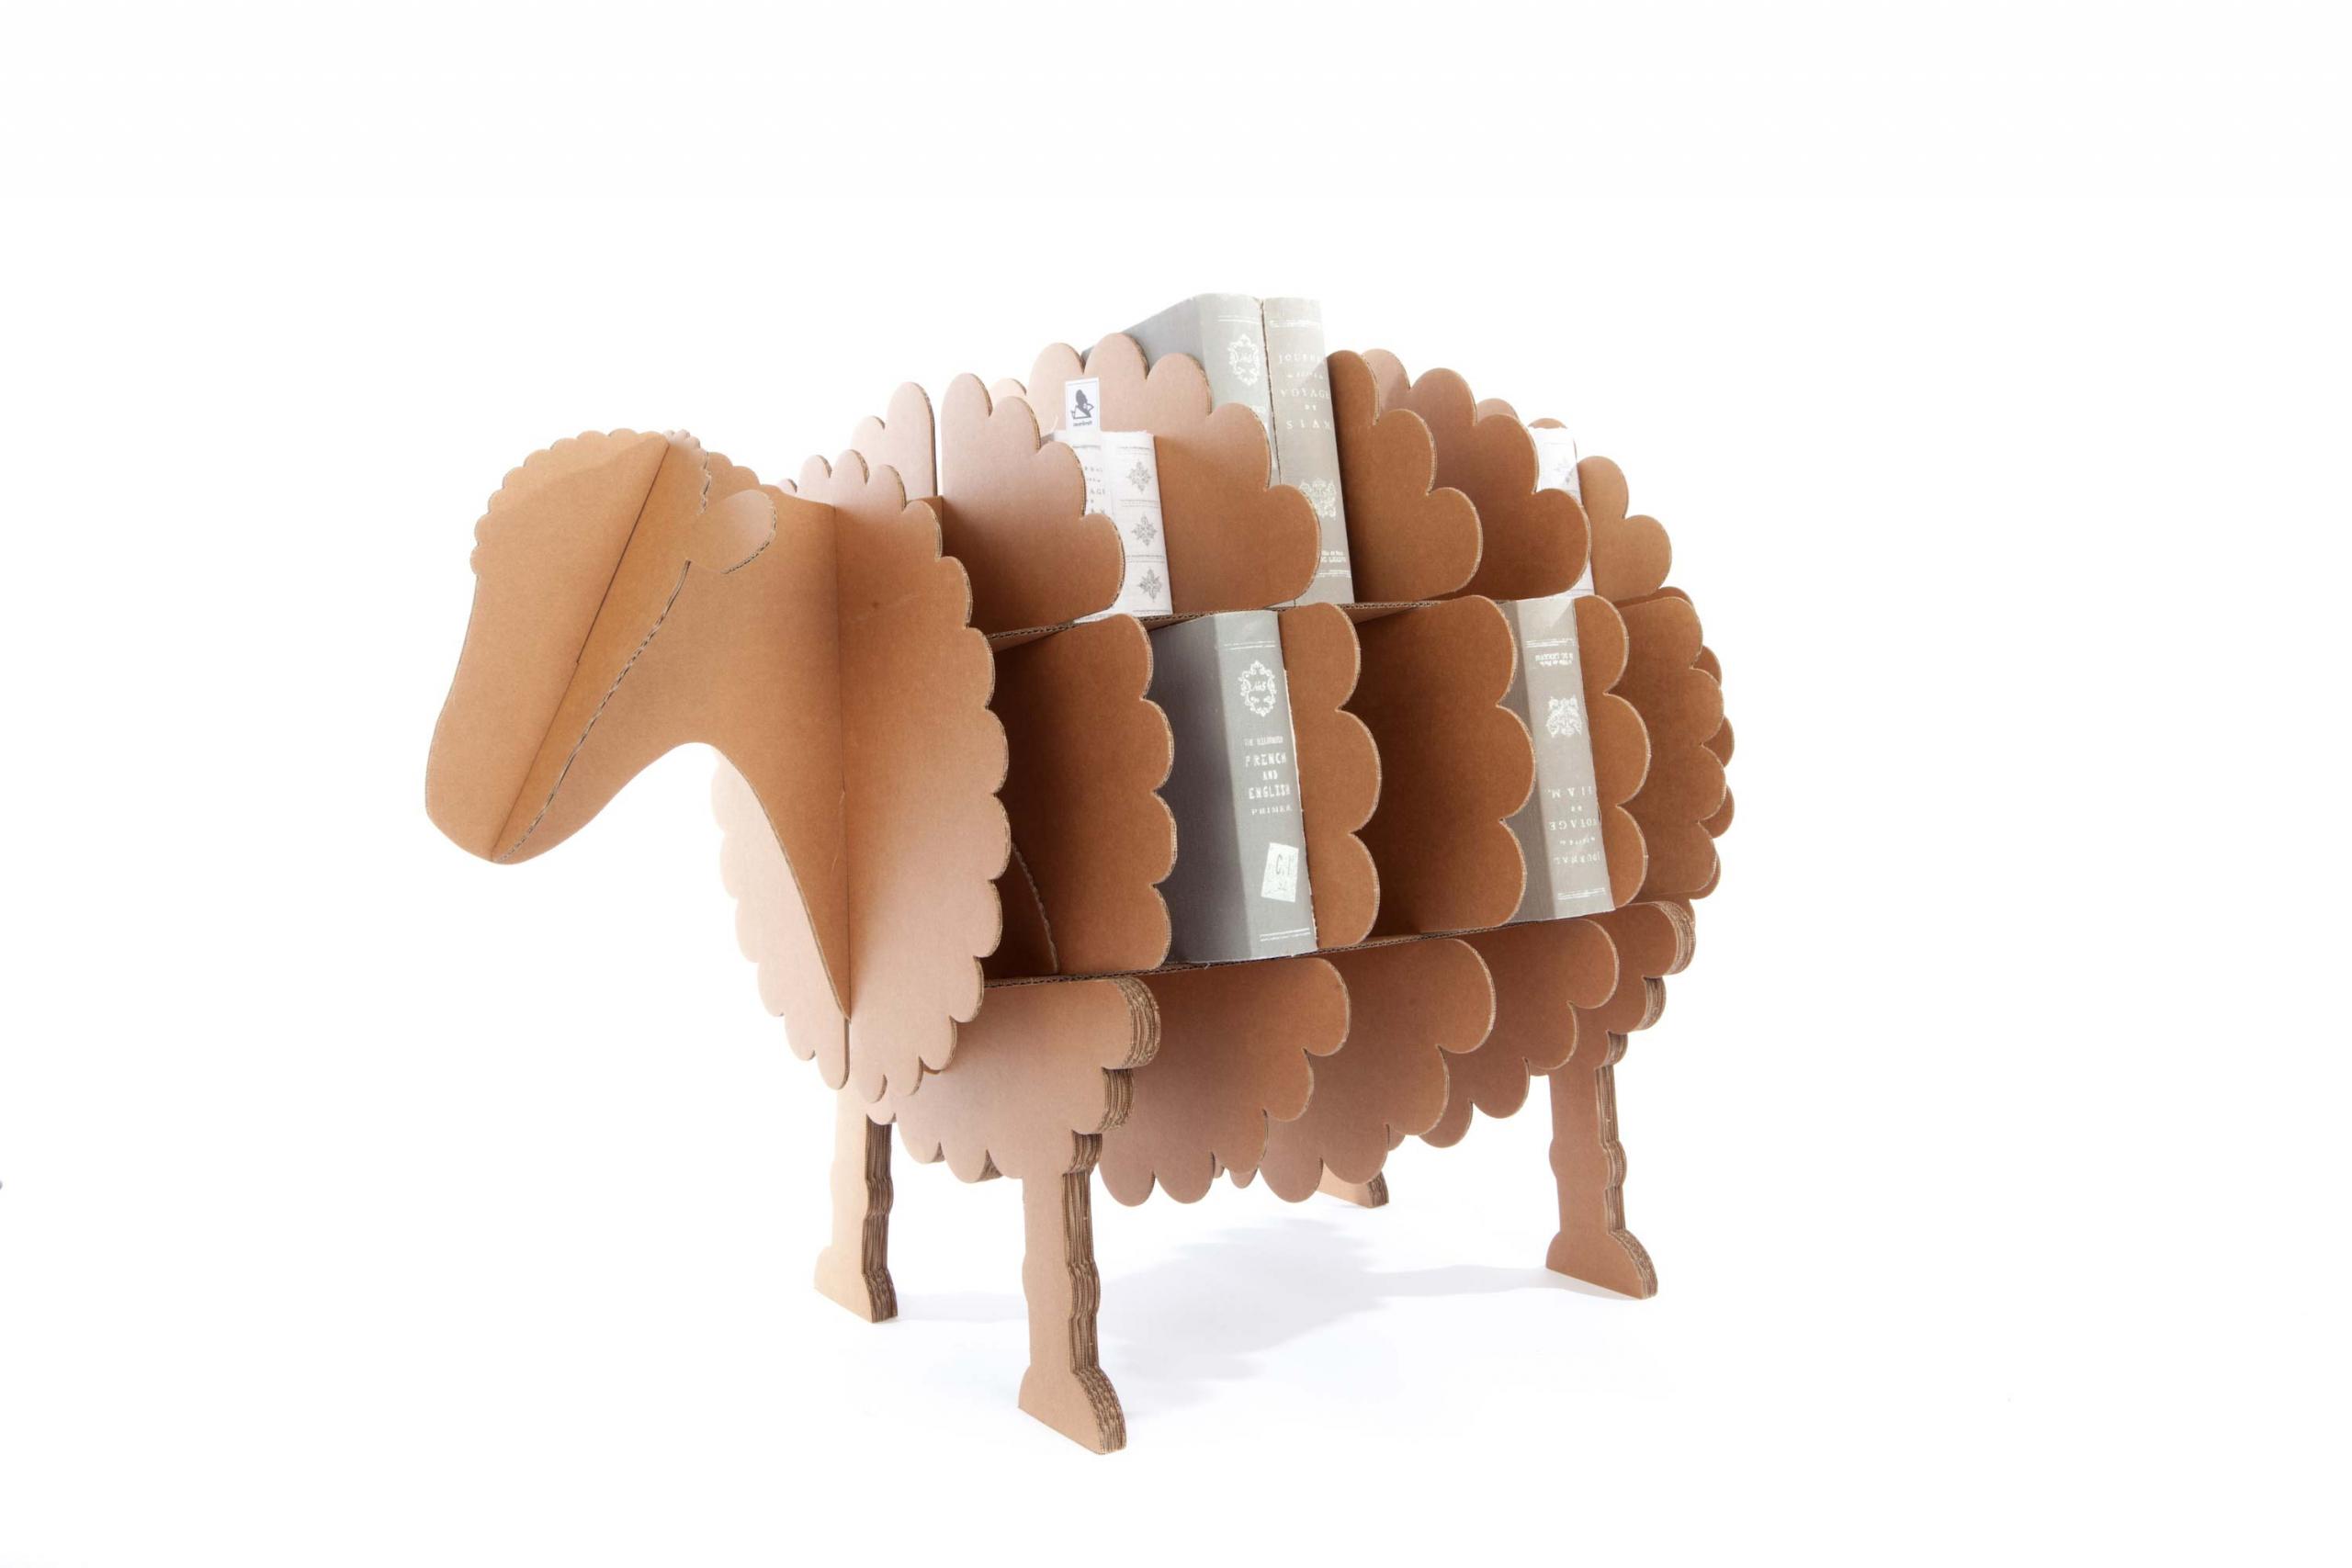 Fabriquer Une Bibliothèque En Carton cocorisheep l - étagère mouton en carton kraft